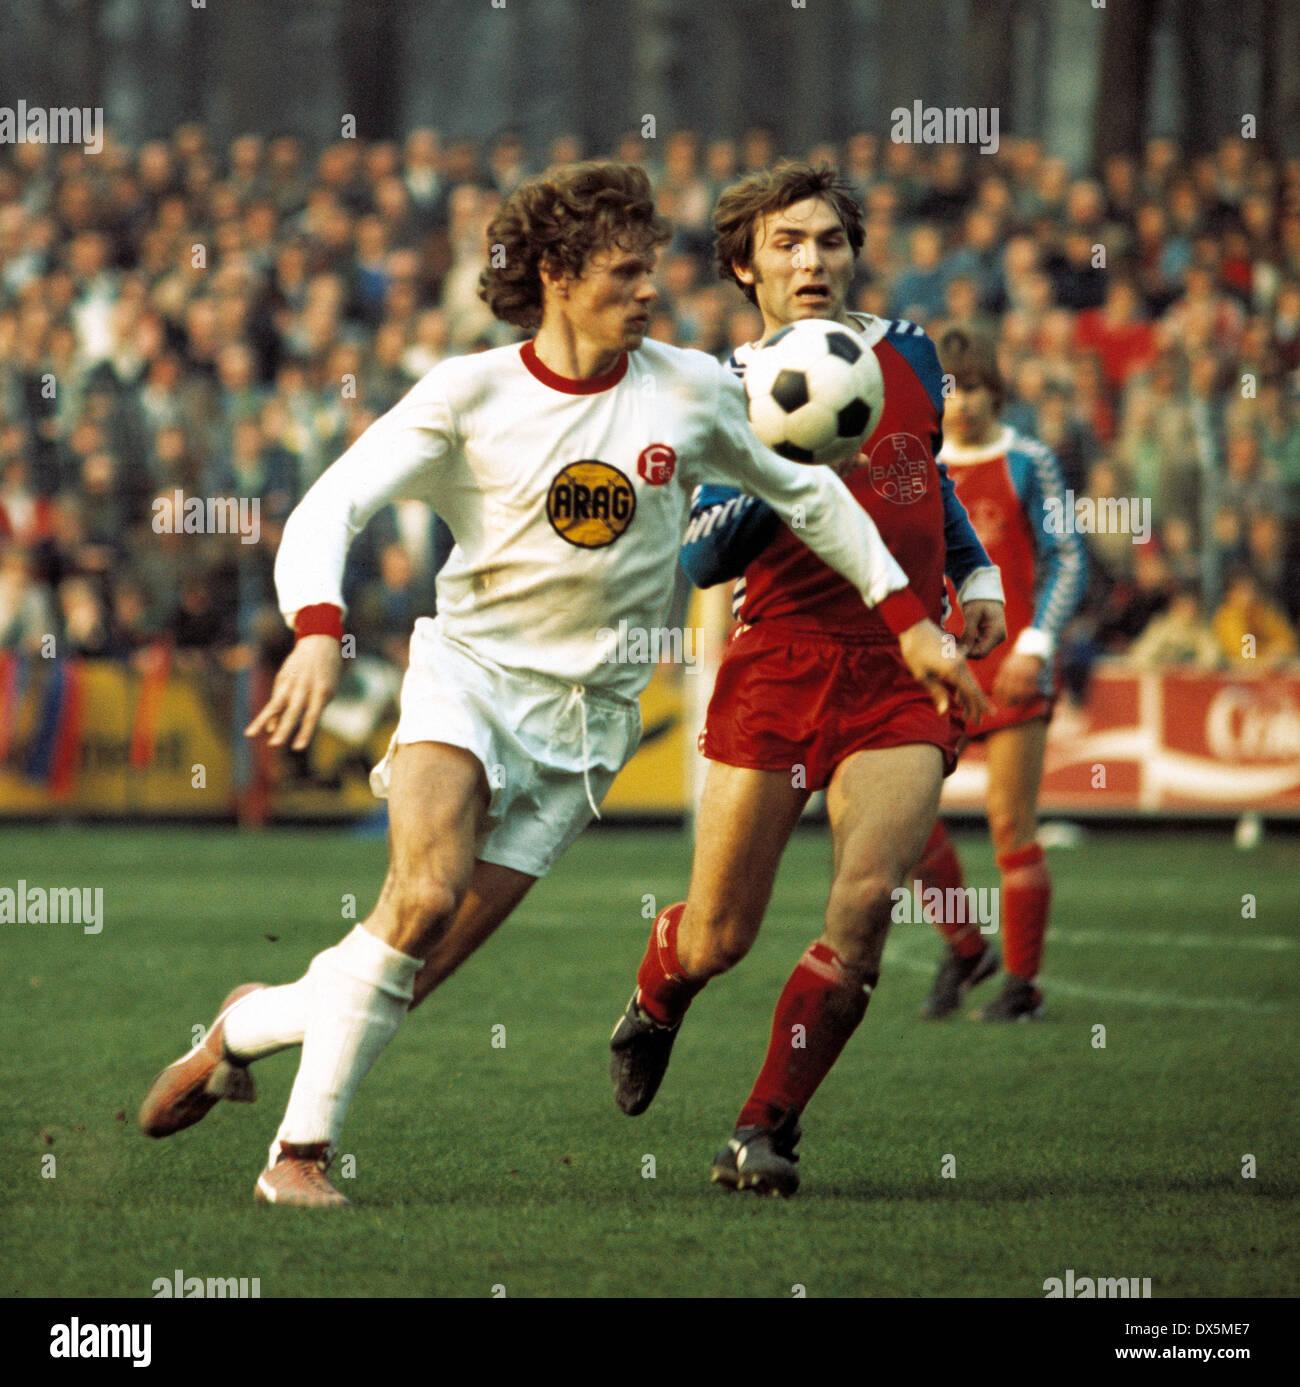 football, Bundesliga, 1975/1976, Grotenburg Stadium, FC Bayer 05 Uerdingen versus Fortuna Duesseldorf 2:0,scene of the match, Reiner Geye (Fortuna) left and Edmund Stieber (05) - Stock Image